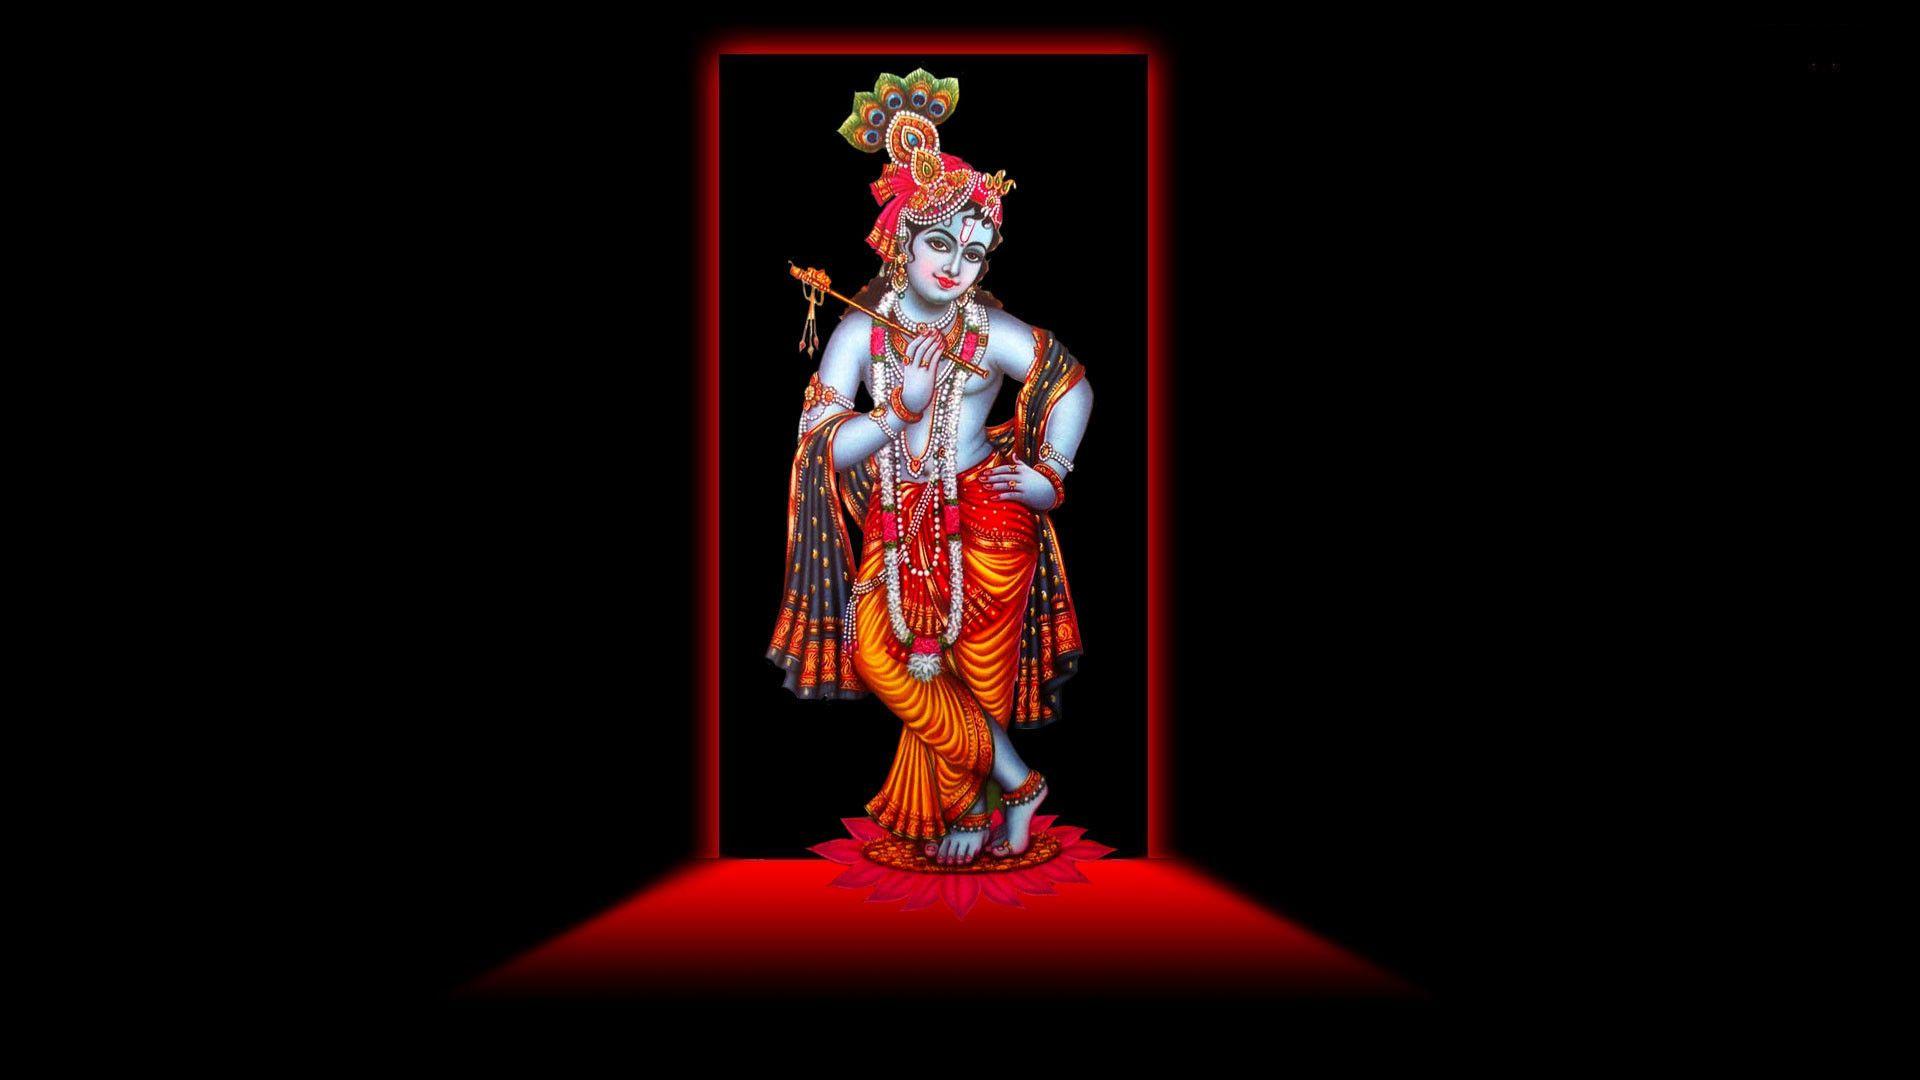 Image Result For Krishna Full Hd Pic For Desktop Desktop Hd Wallpapers 1080p Lord Krishna Hd Wallpaper Krishna Wallpaper